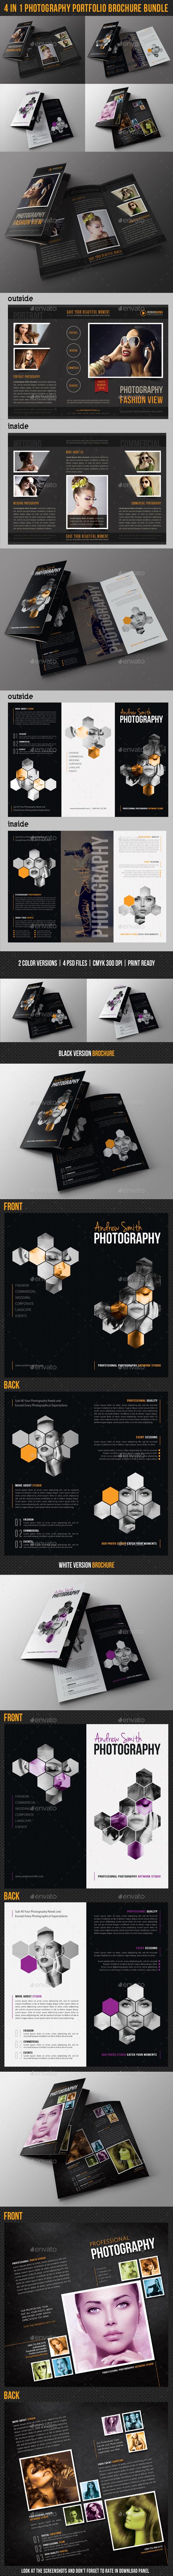 4 in 1 Photography Portfolio Brochure Bundle - Portfolio Brochures